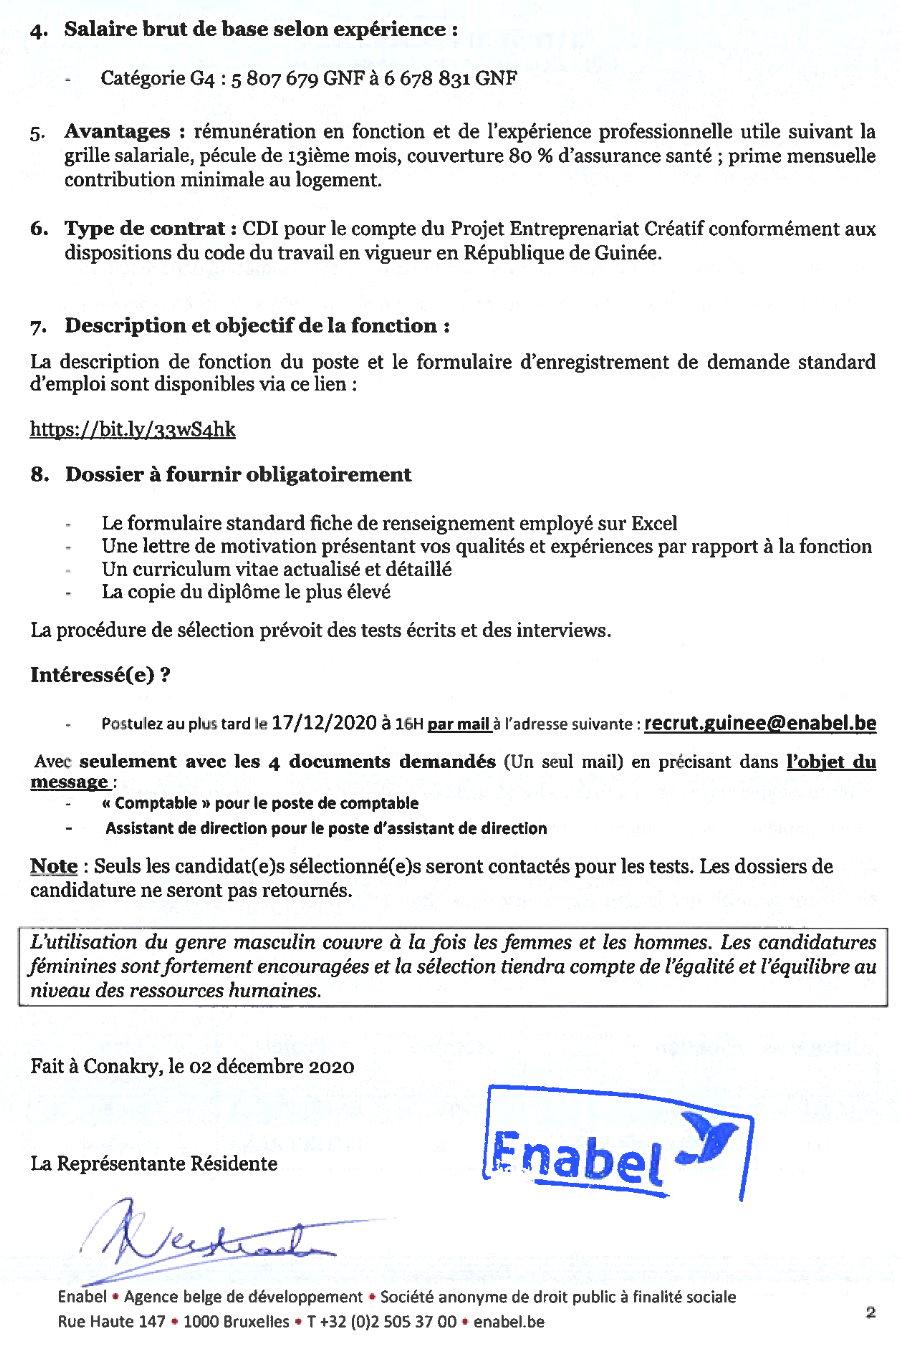 Offres d'emploi enabel en guinée p.2